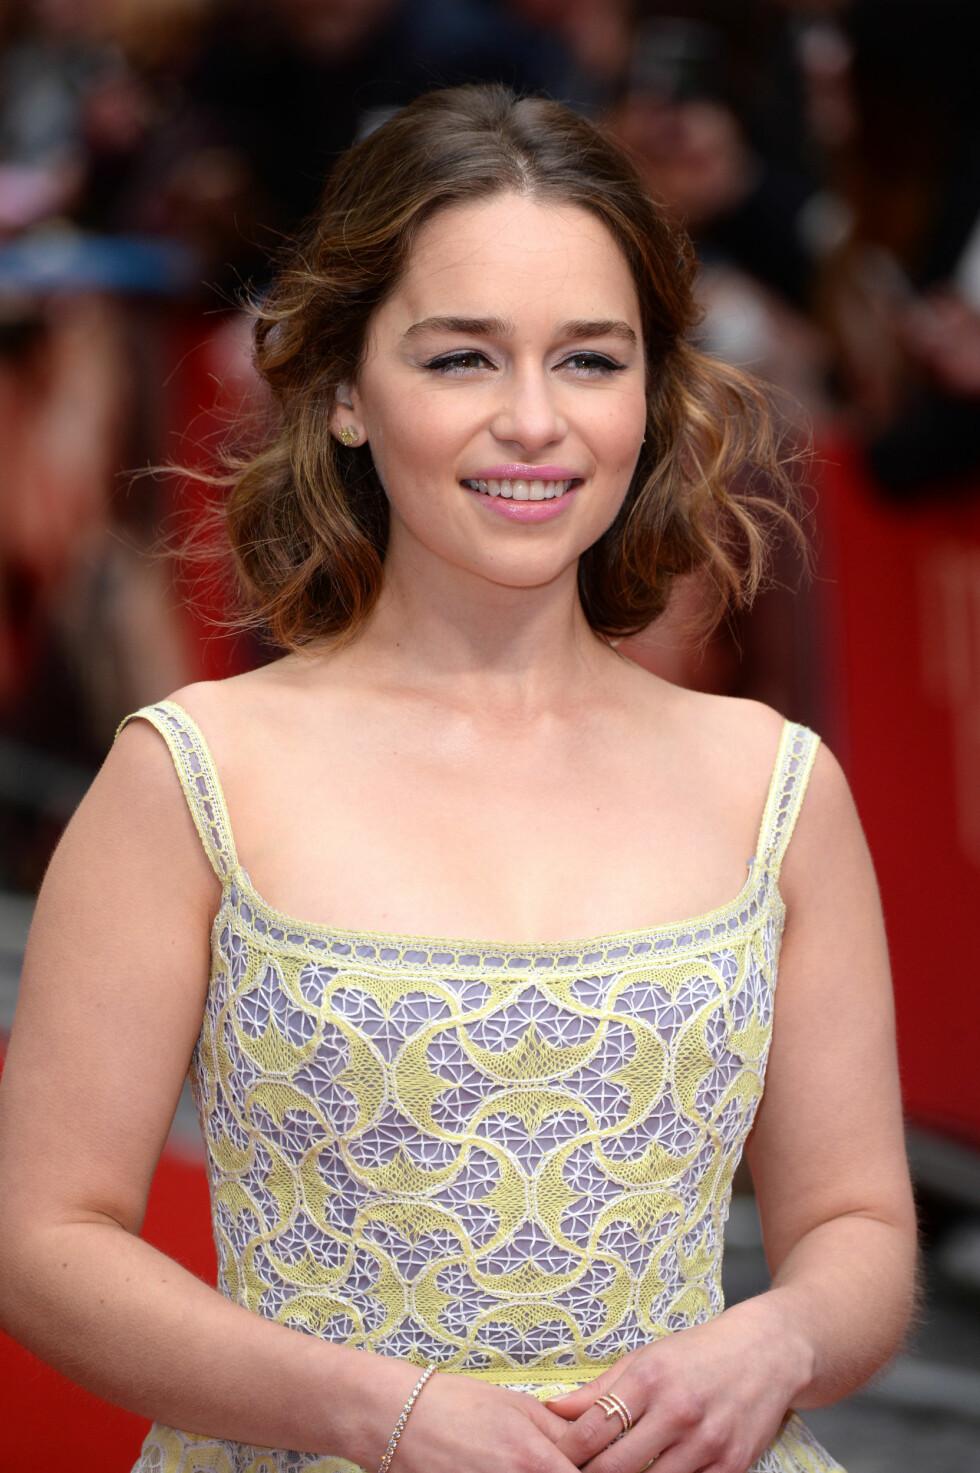 Emily Clarke, som spiller Khaleesi, er egentlig en brunette. Visste du det? Foto: Pa Photos